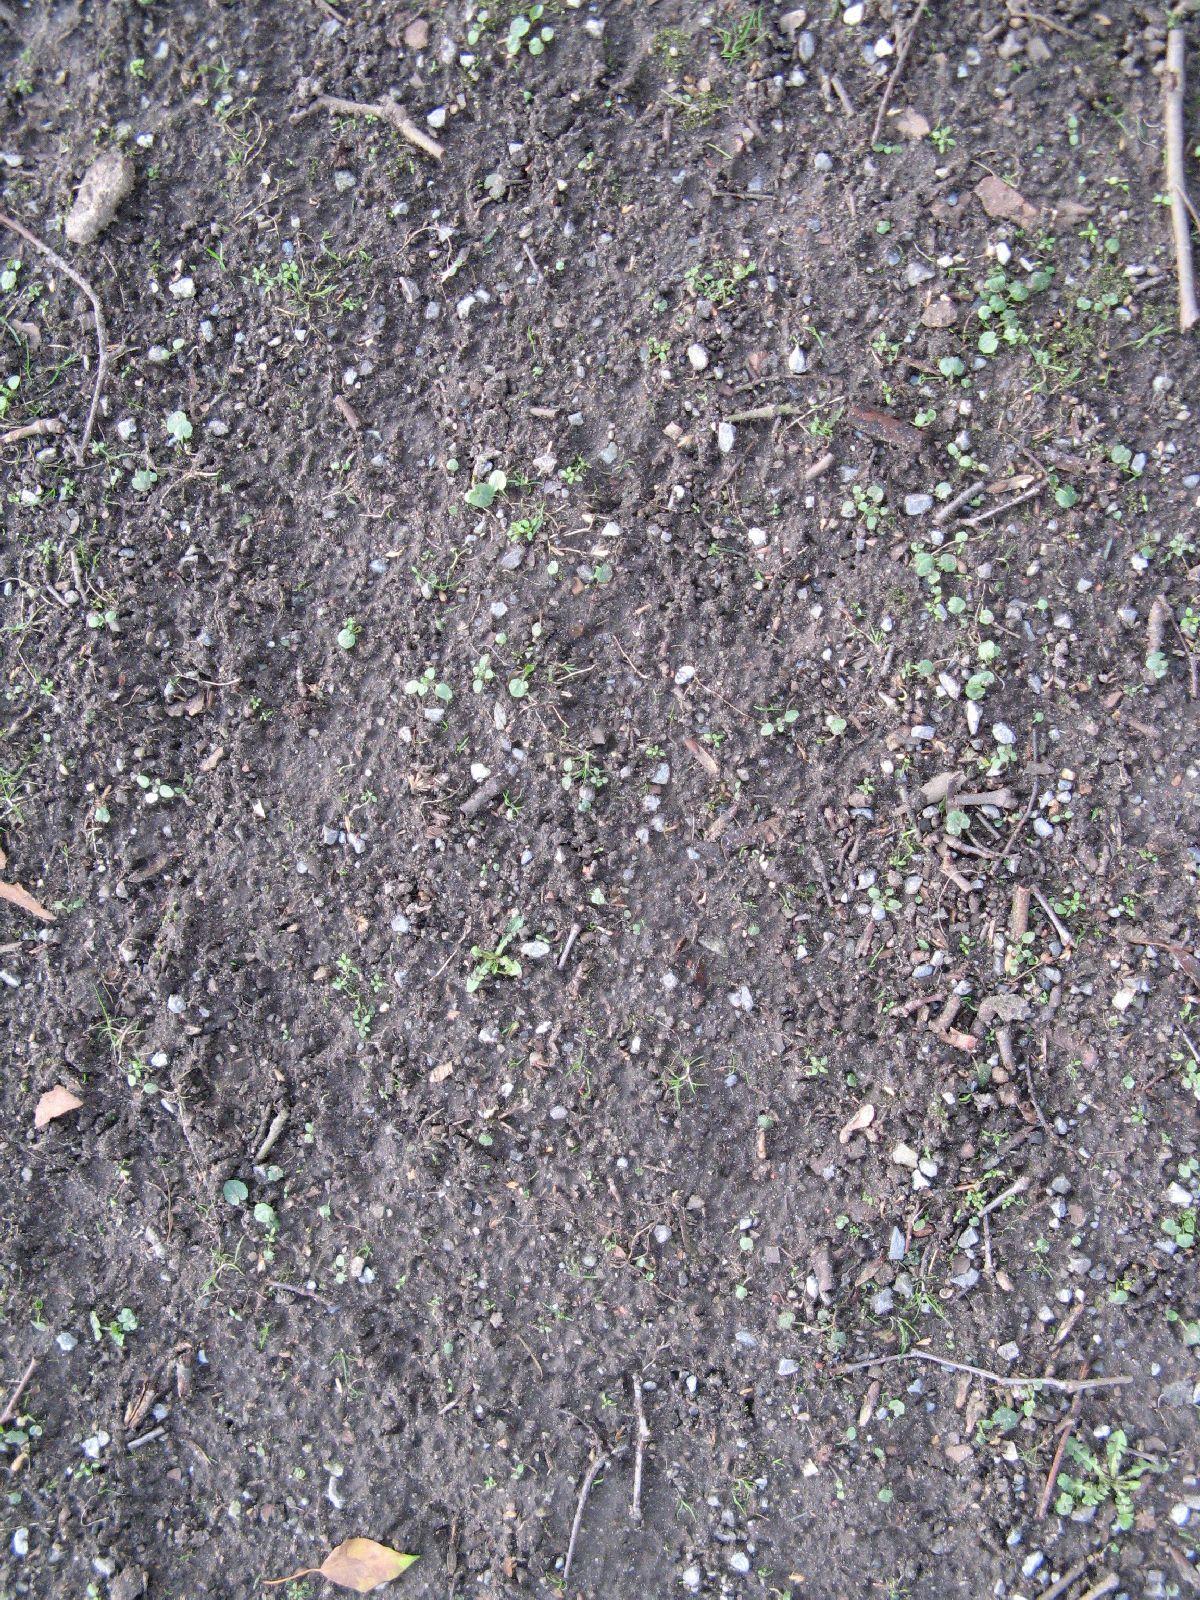 Ground-Nature_Texture_B_3837